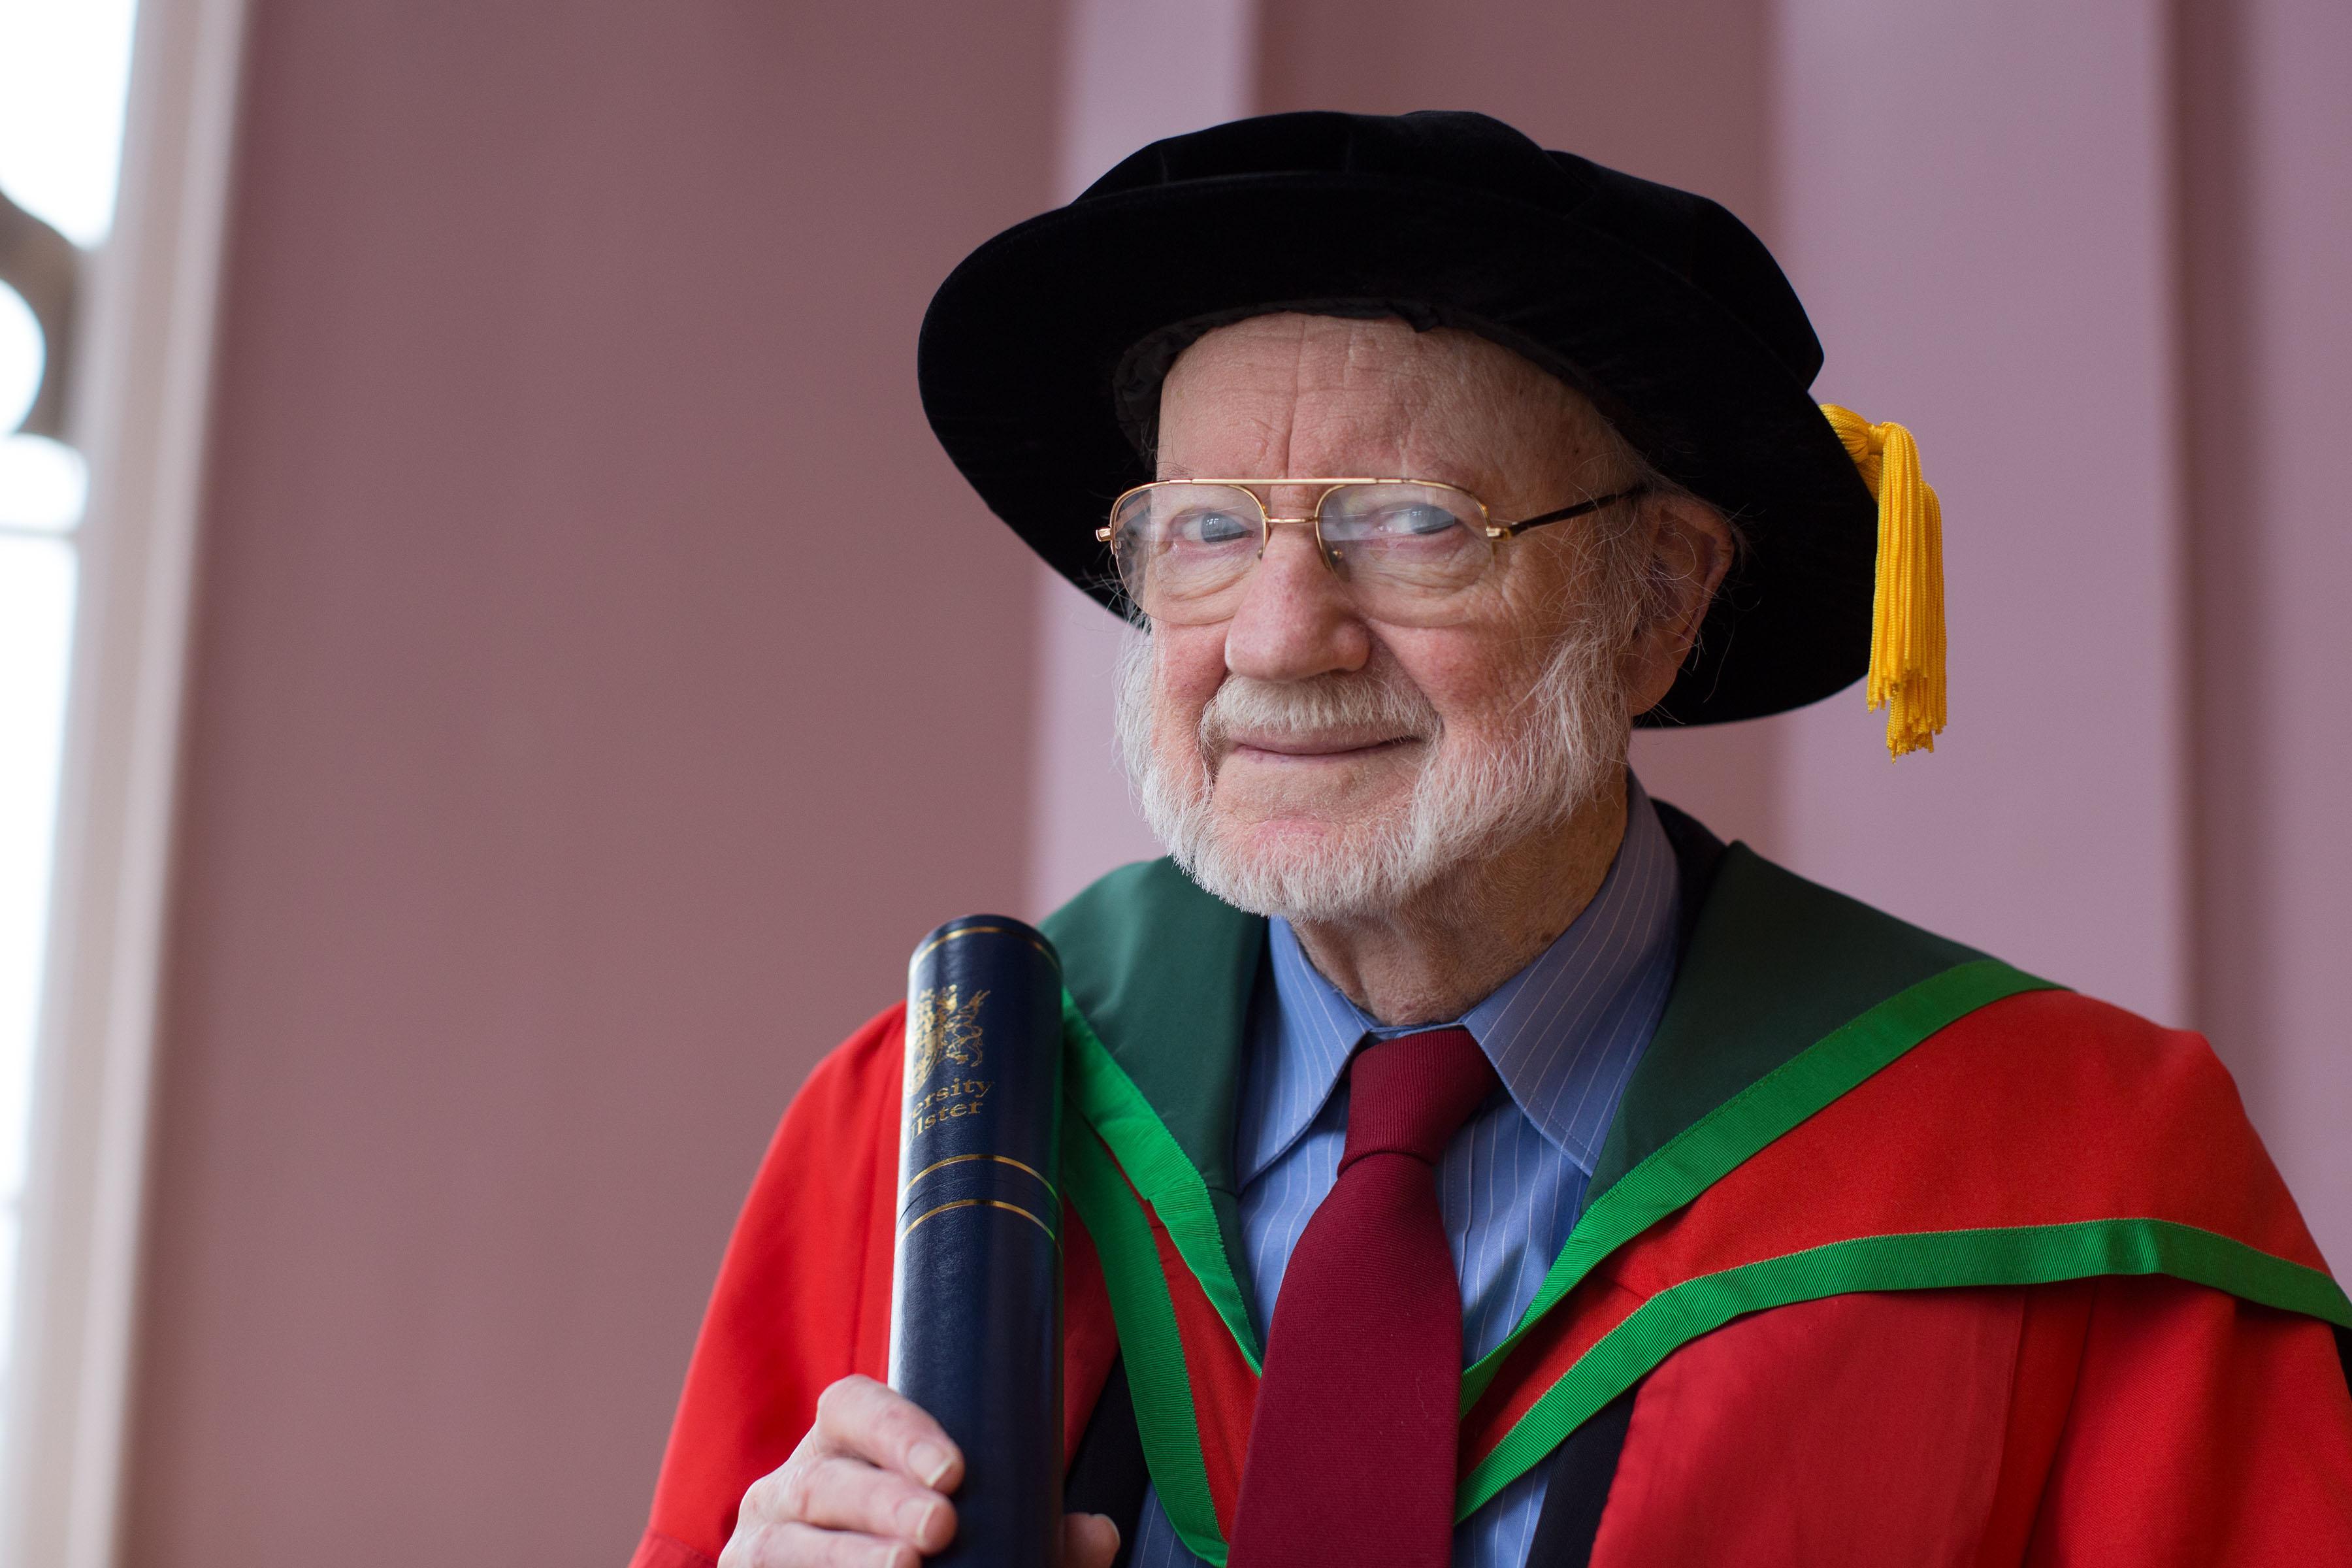 Honorary Graduate, Professor William Campbell